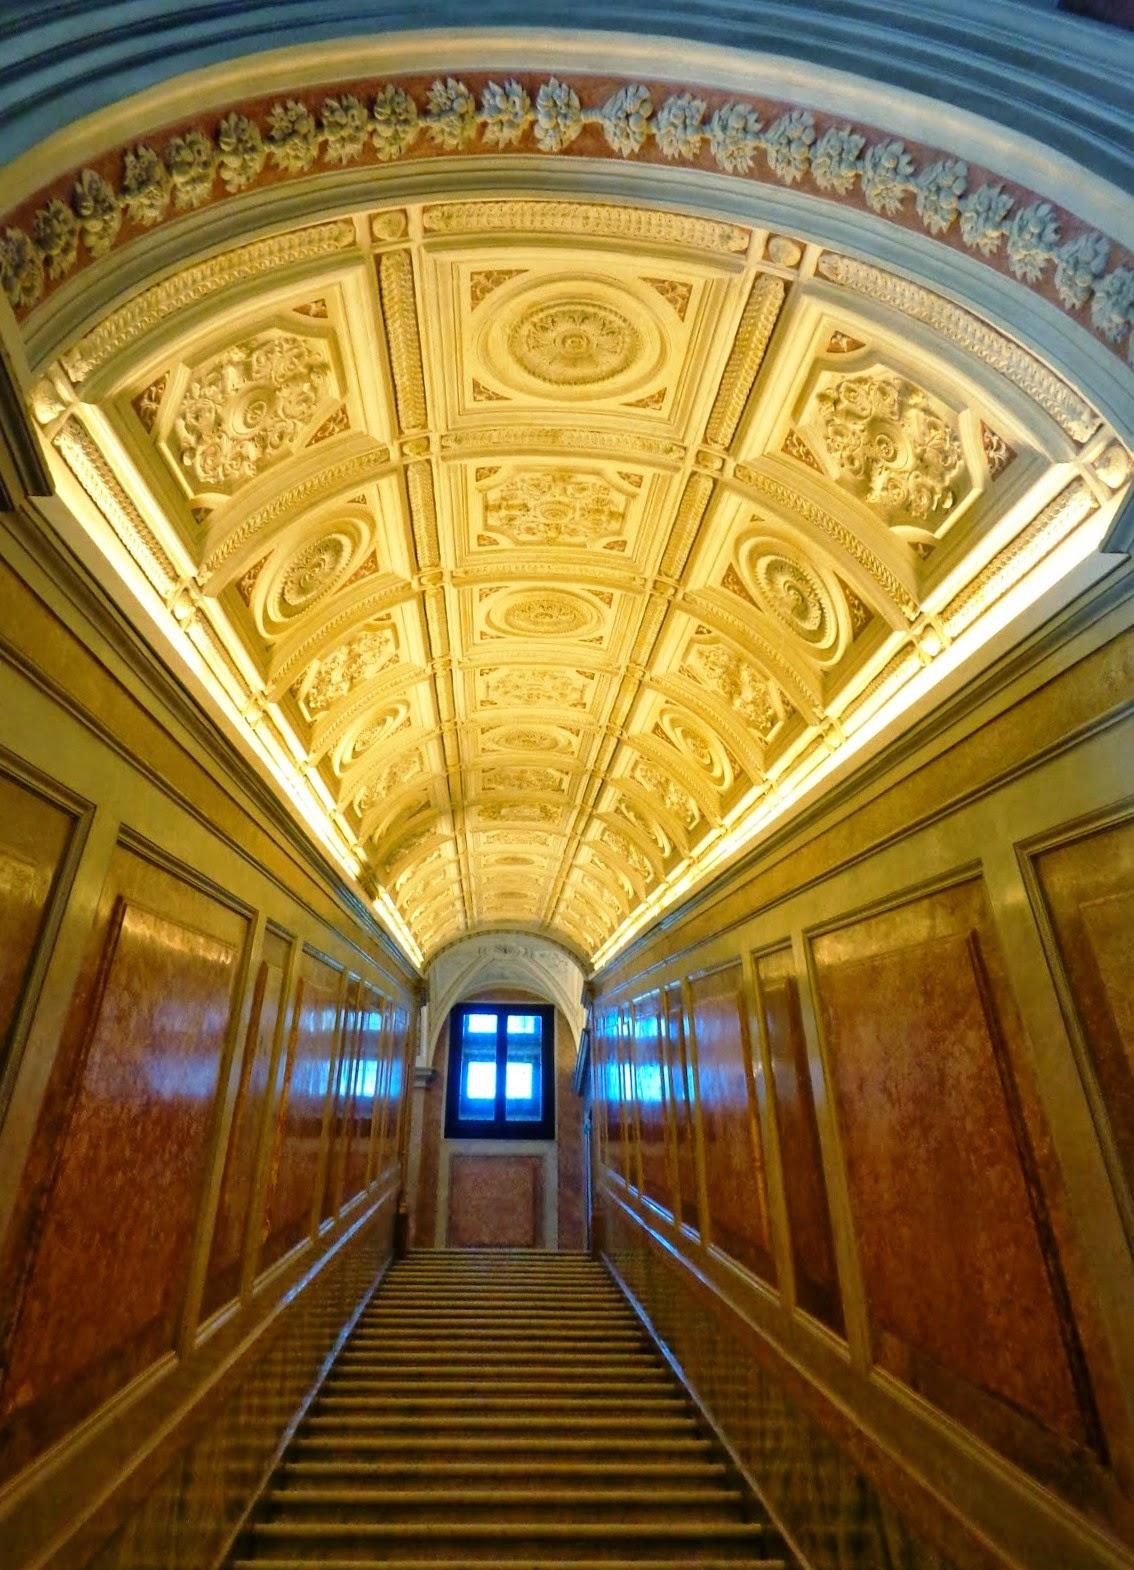 """A """"Scala d'onore"""" conduz ao pavimento superior, ao piano nobile. A sua concepção revela um grande senso de imponência."""